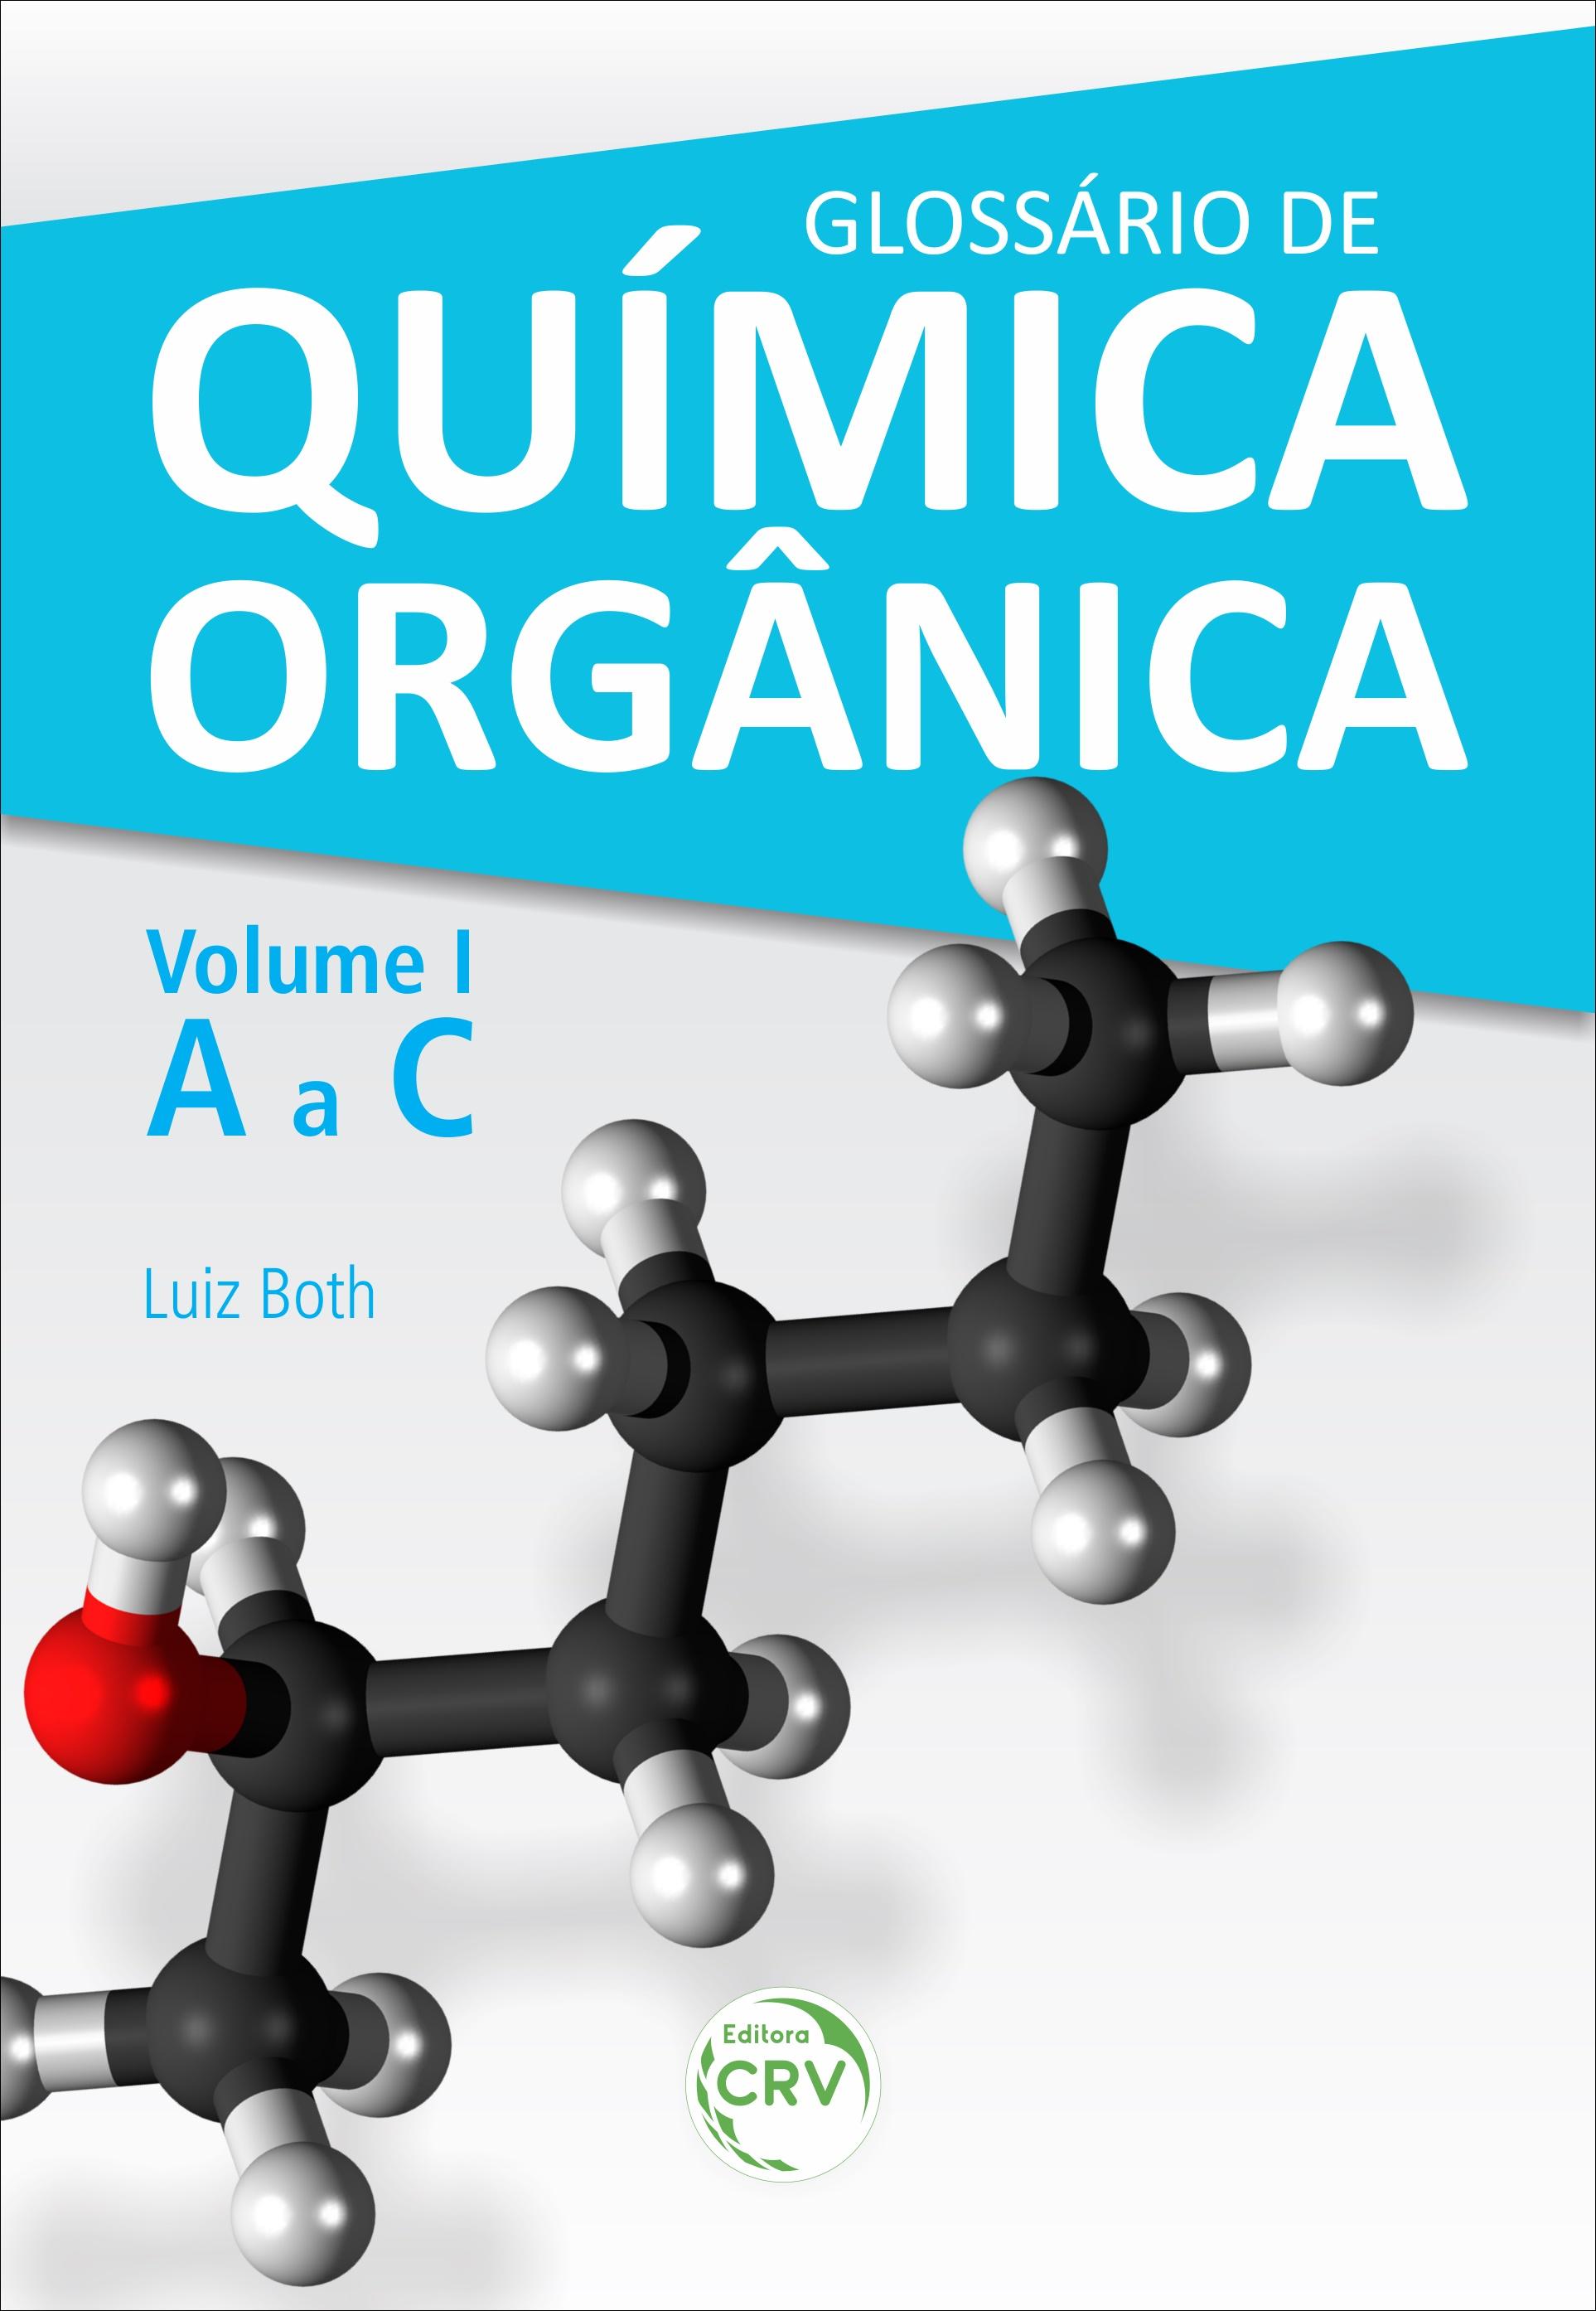 Capa do livro: GLOSSÁRIO DE QUÍMICA ORGÂNICA <br> Volume I (A a C)